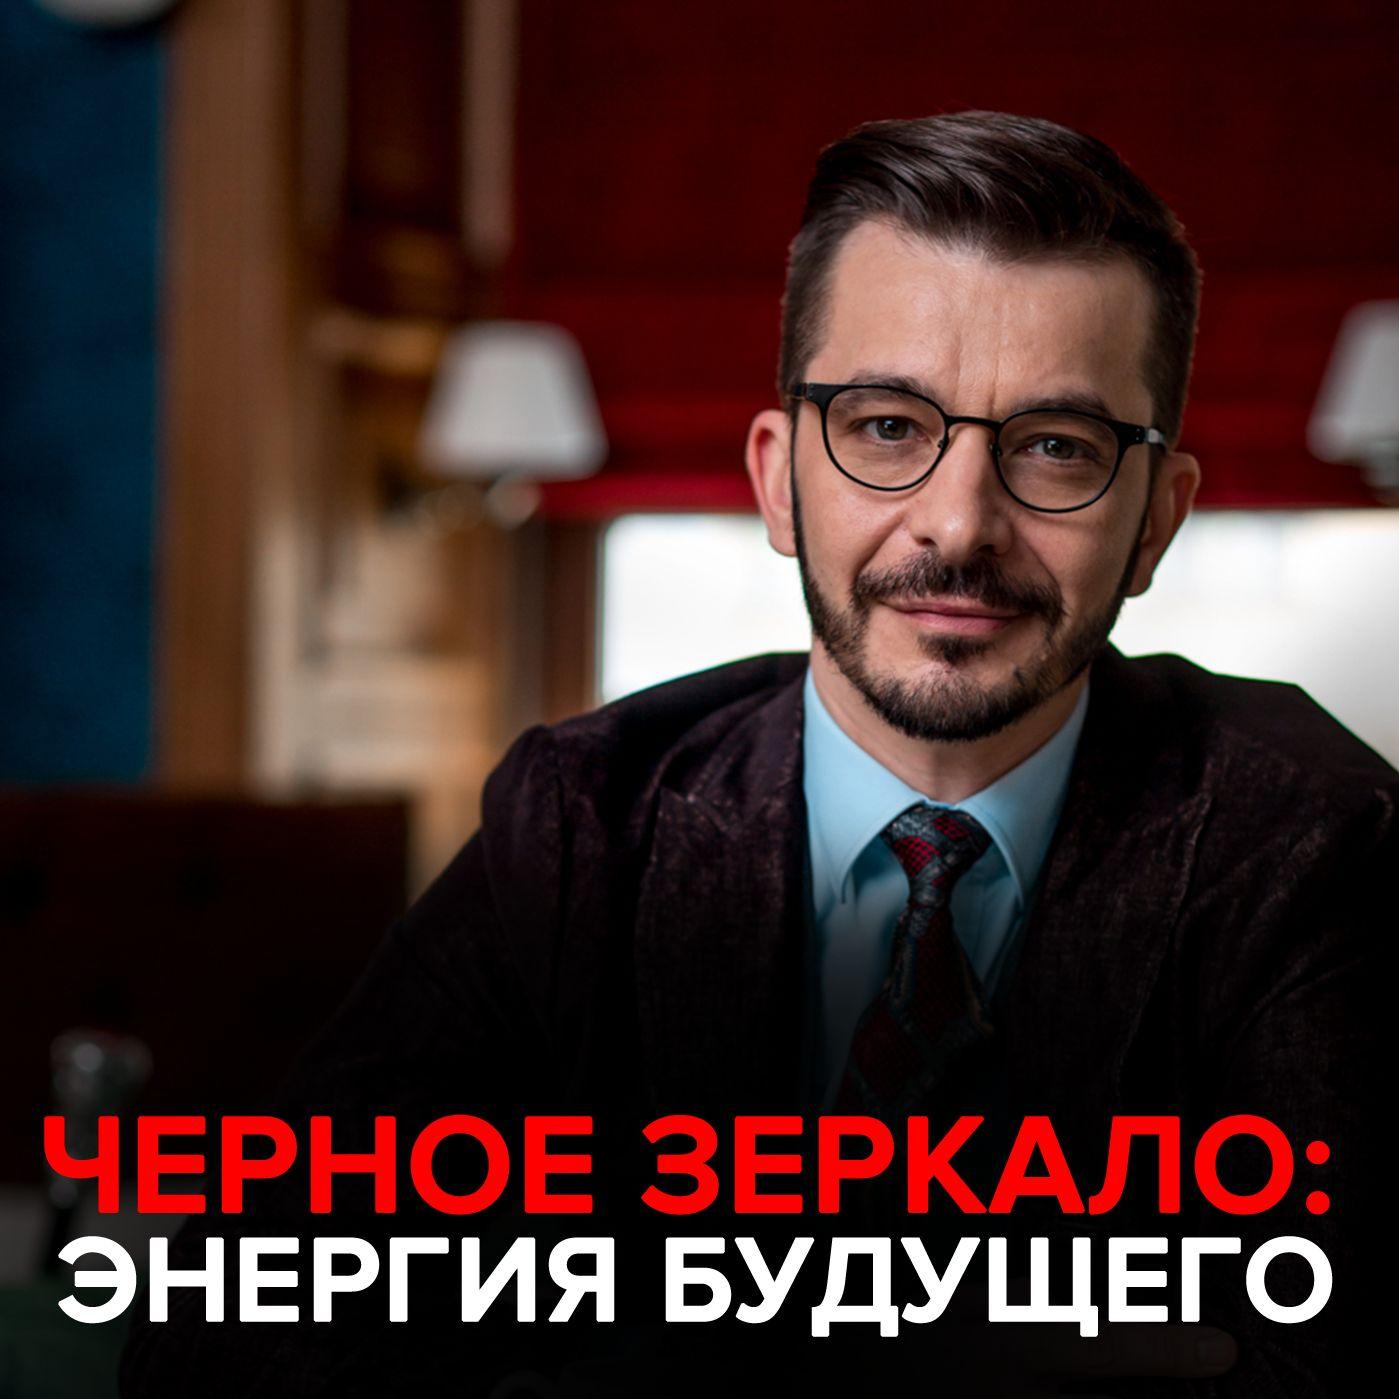 Андрей Курпатов Энергия будущего. Черное зеркало с Андреем Курпатовым